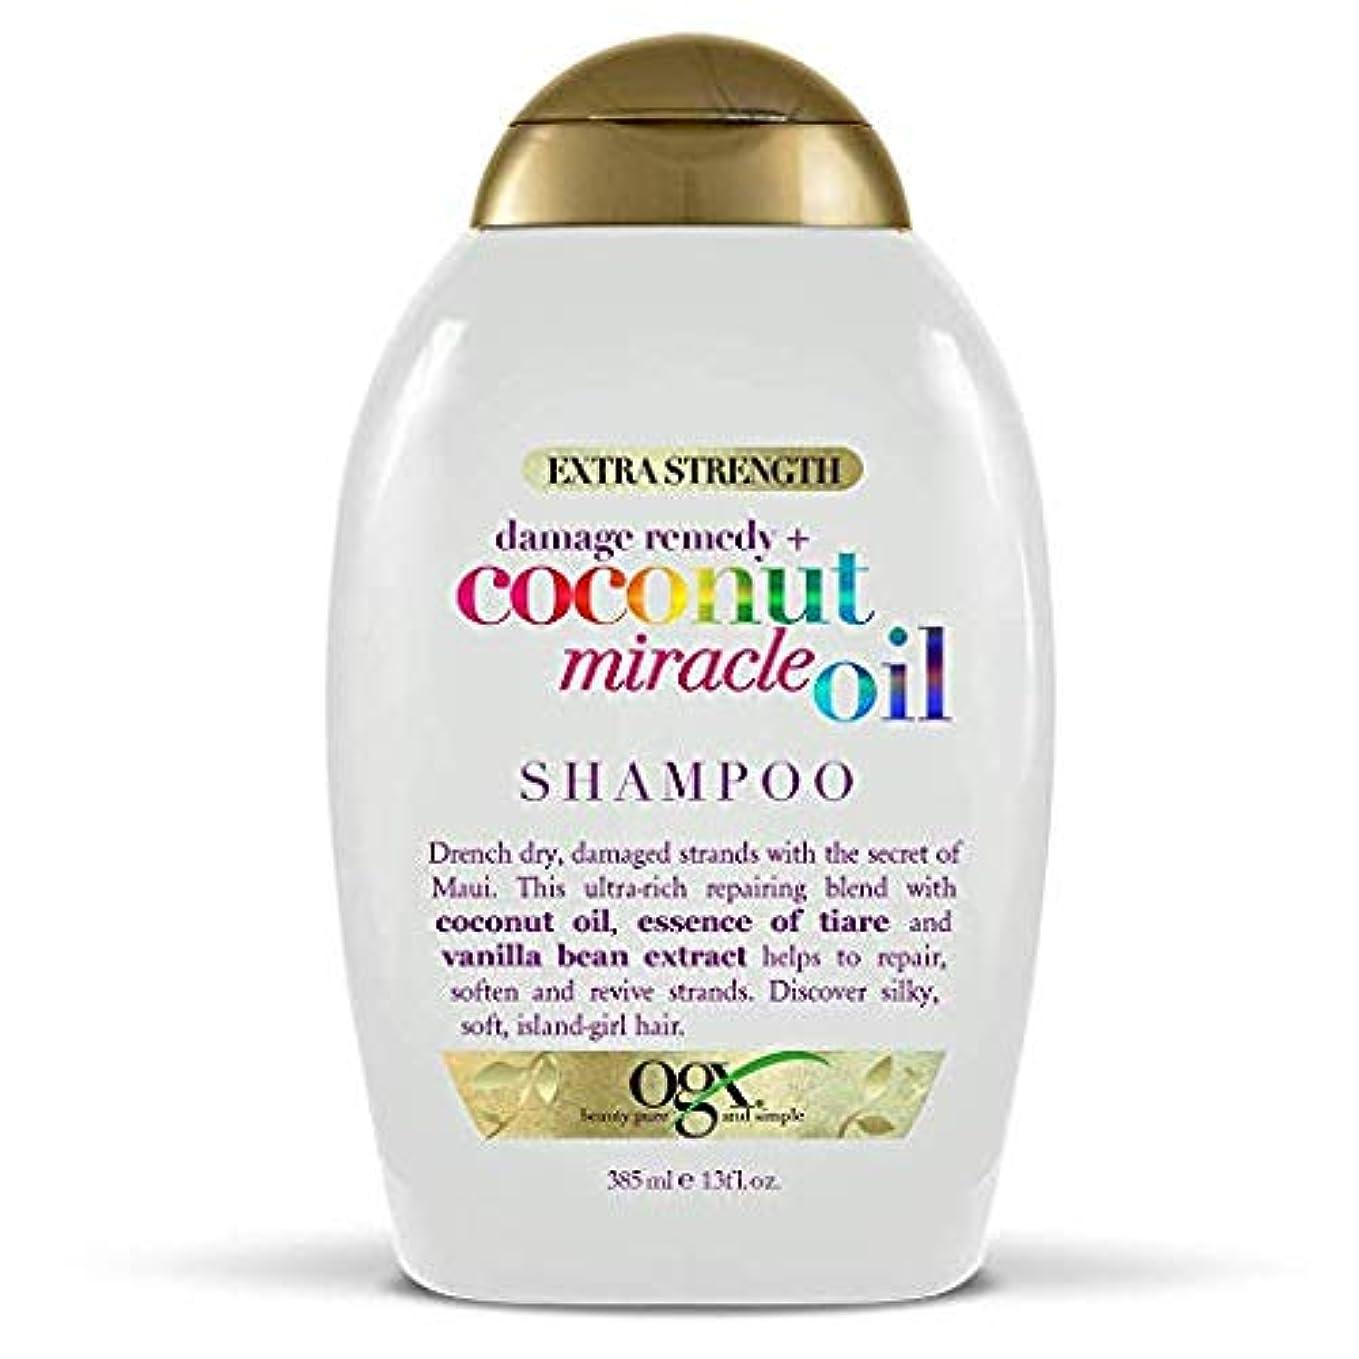 権威わかる治安判事Ogx Shampoo Coconut Miracle Oil Extra Strength 13oz OGX ココナッツミラクルオイル エクストラストレングス シャンプー 385ml [並行輸入品]